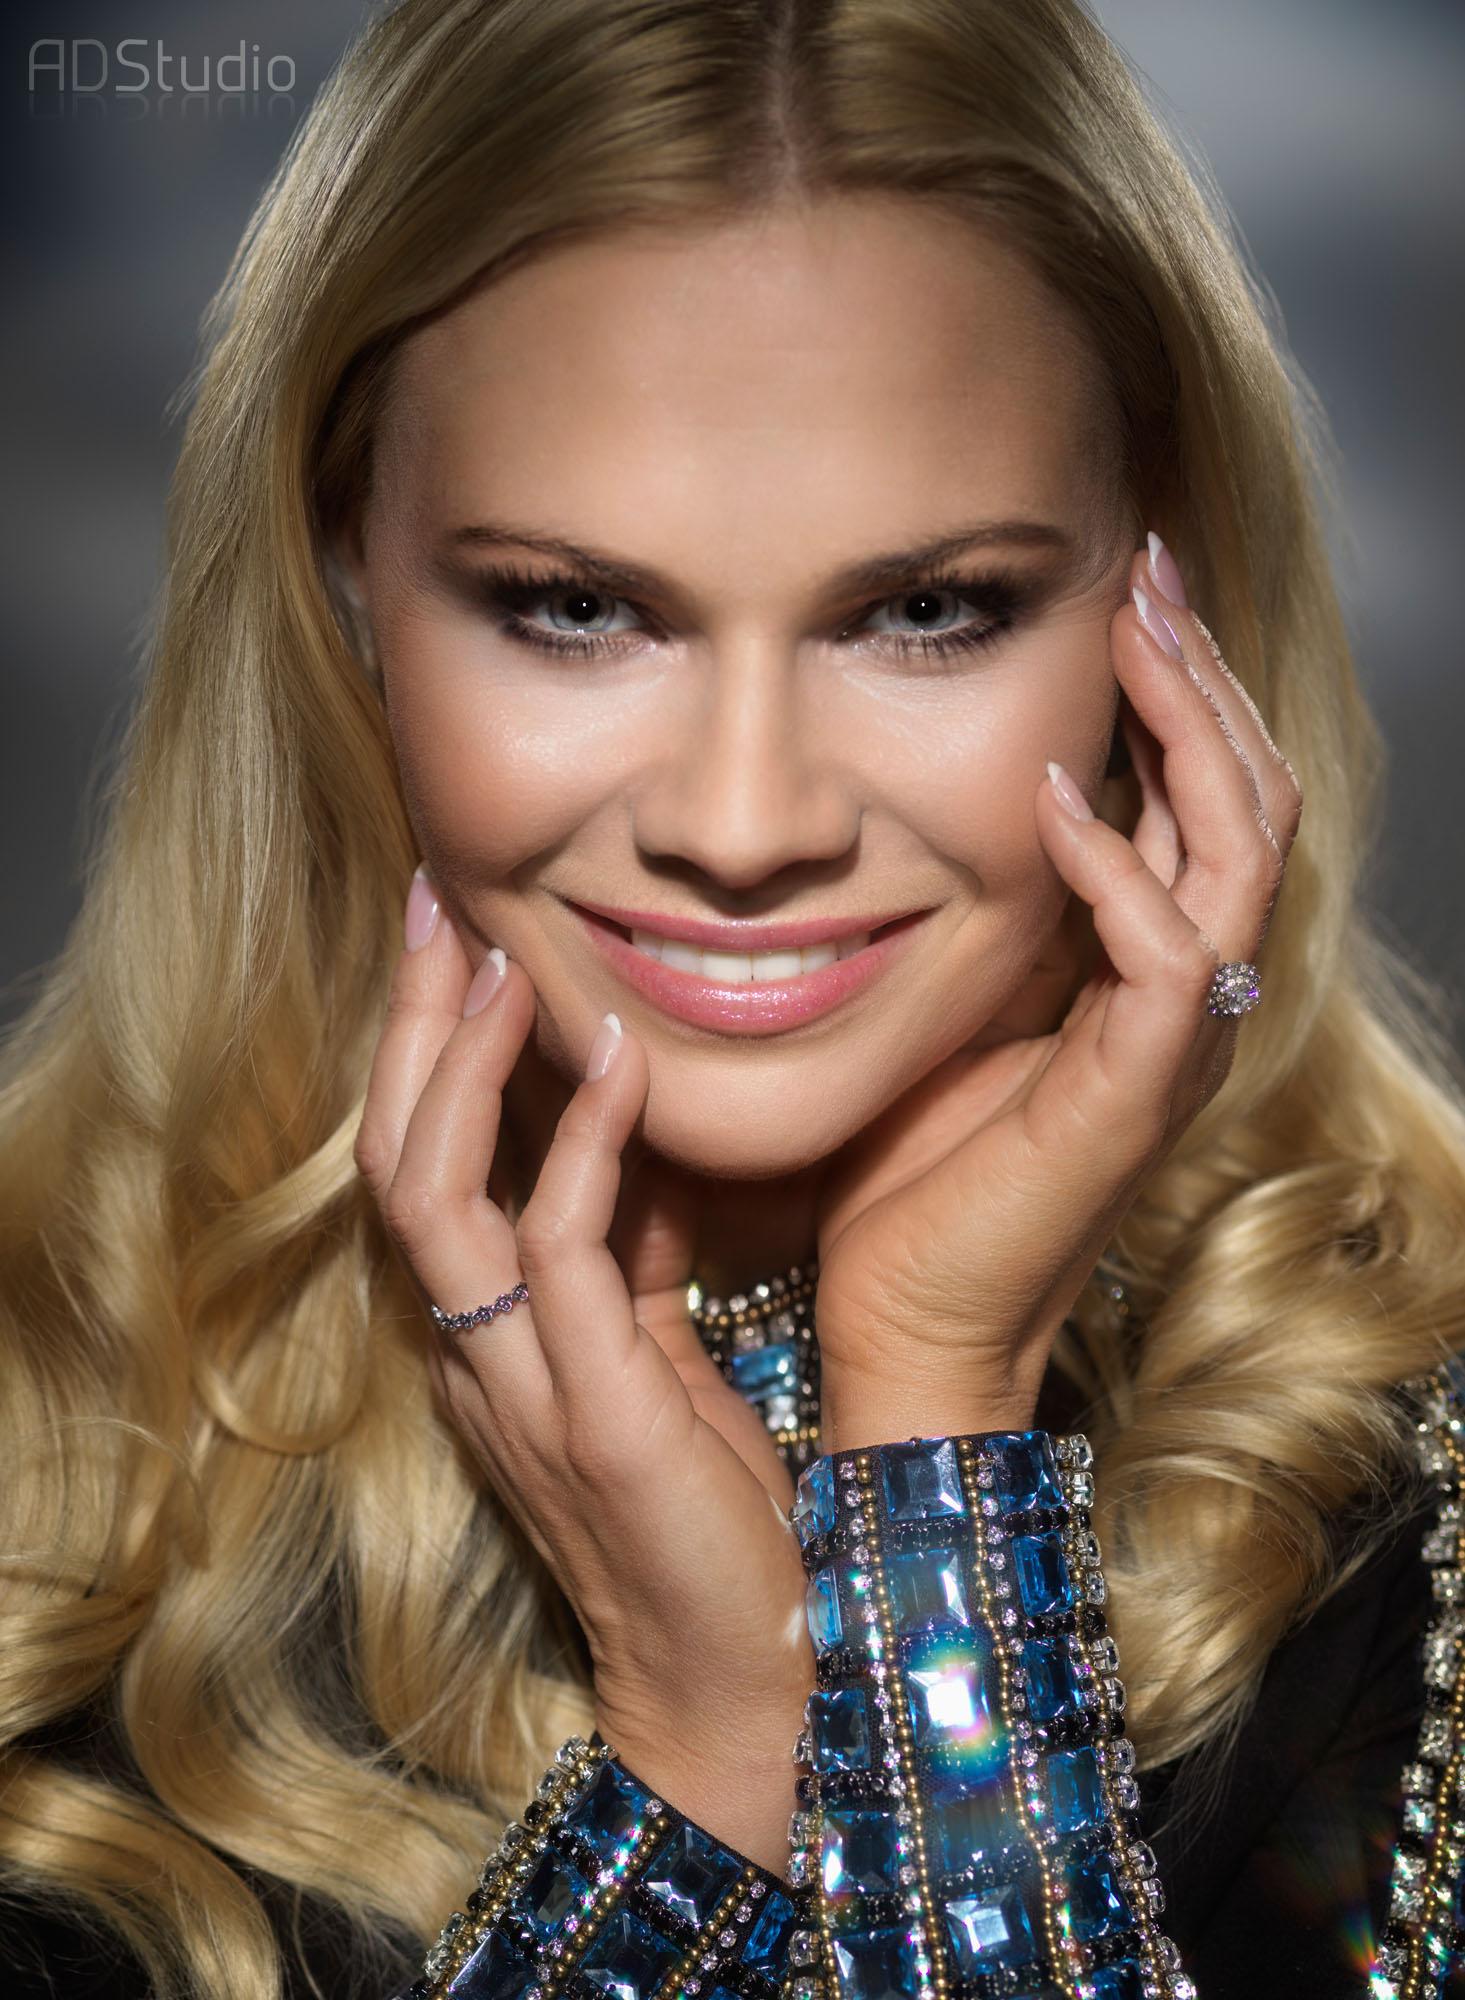 zdjęcie portretowe uśmiechniętej kobiety sesja zdjeciowa w ADStudio Warszawa